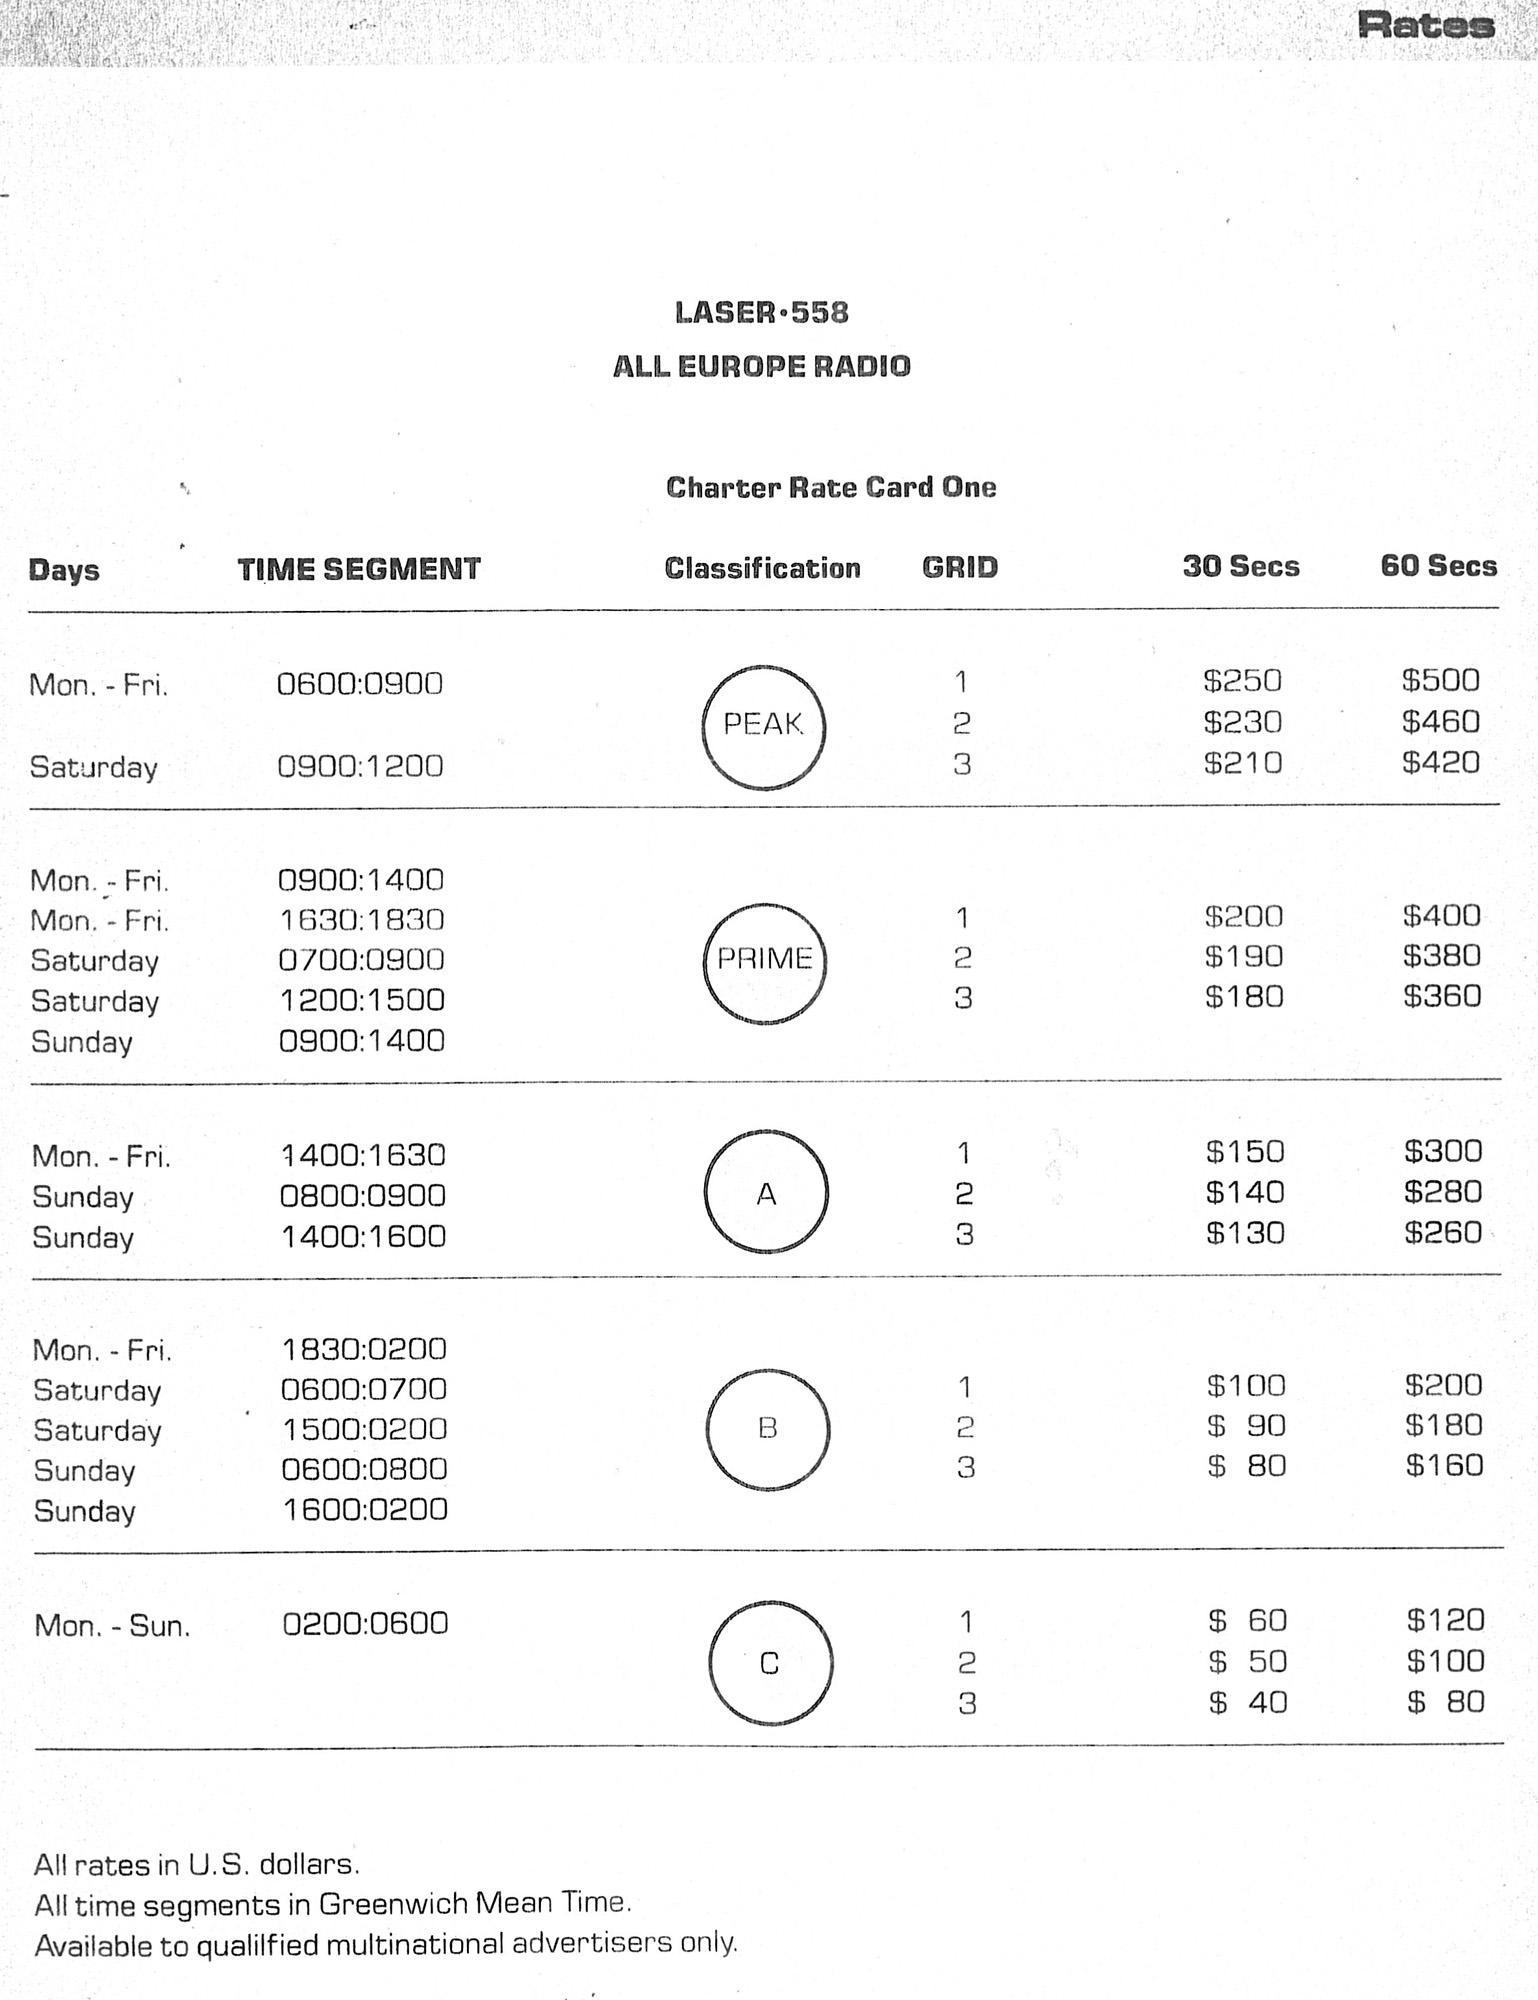 19831201 Press release Laser 558 08.jpg